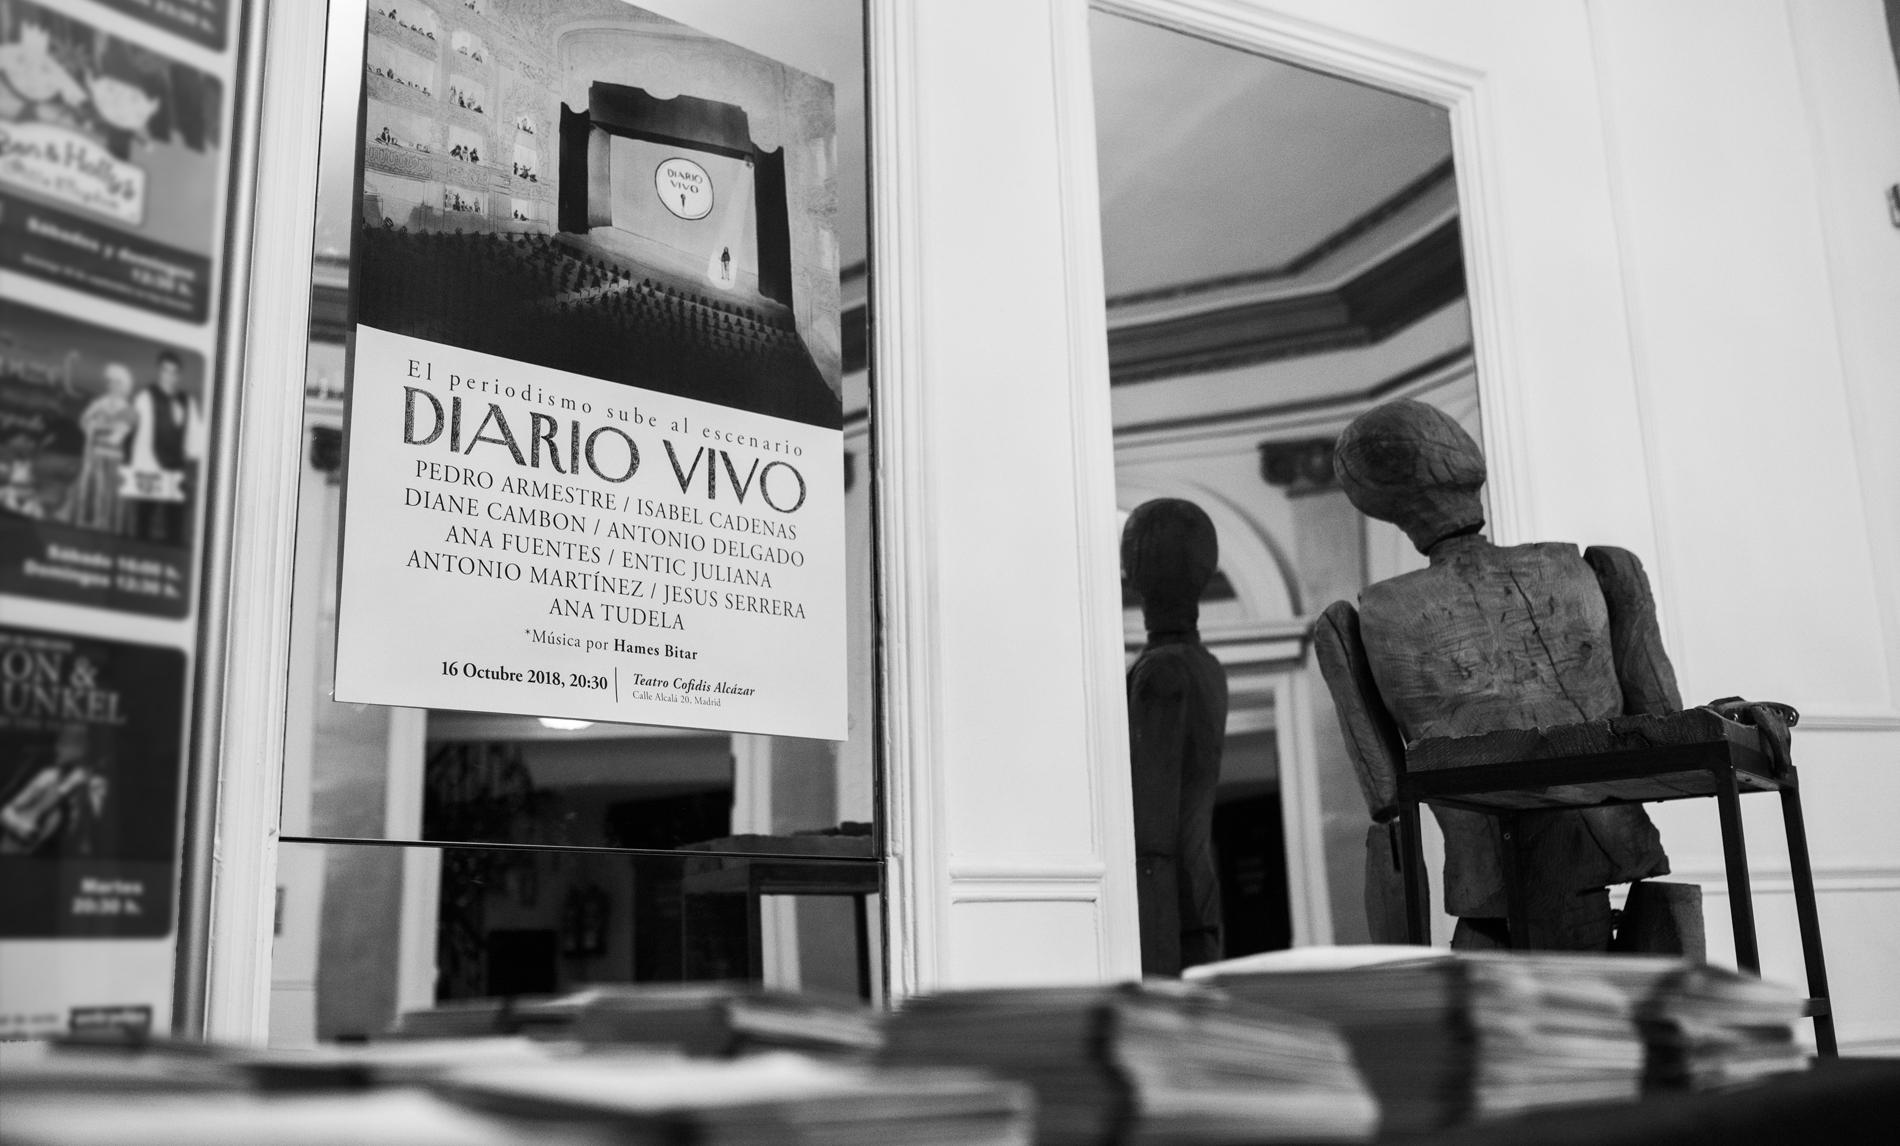 Cartel de la taquilla de Diario Vivo / Foto: Diario Vivo